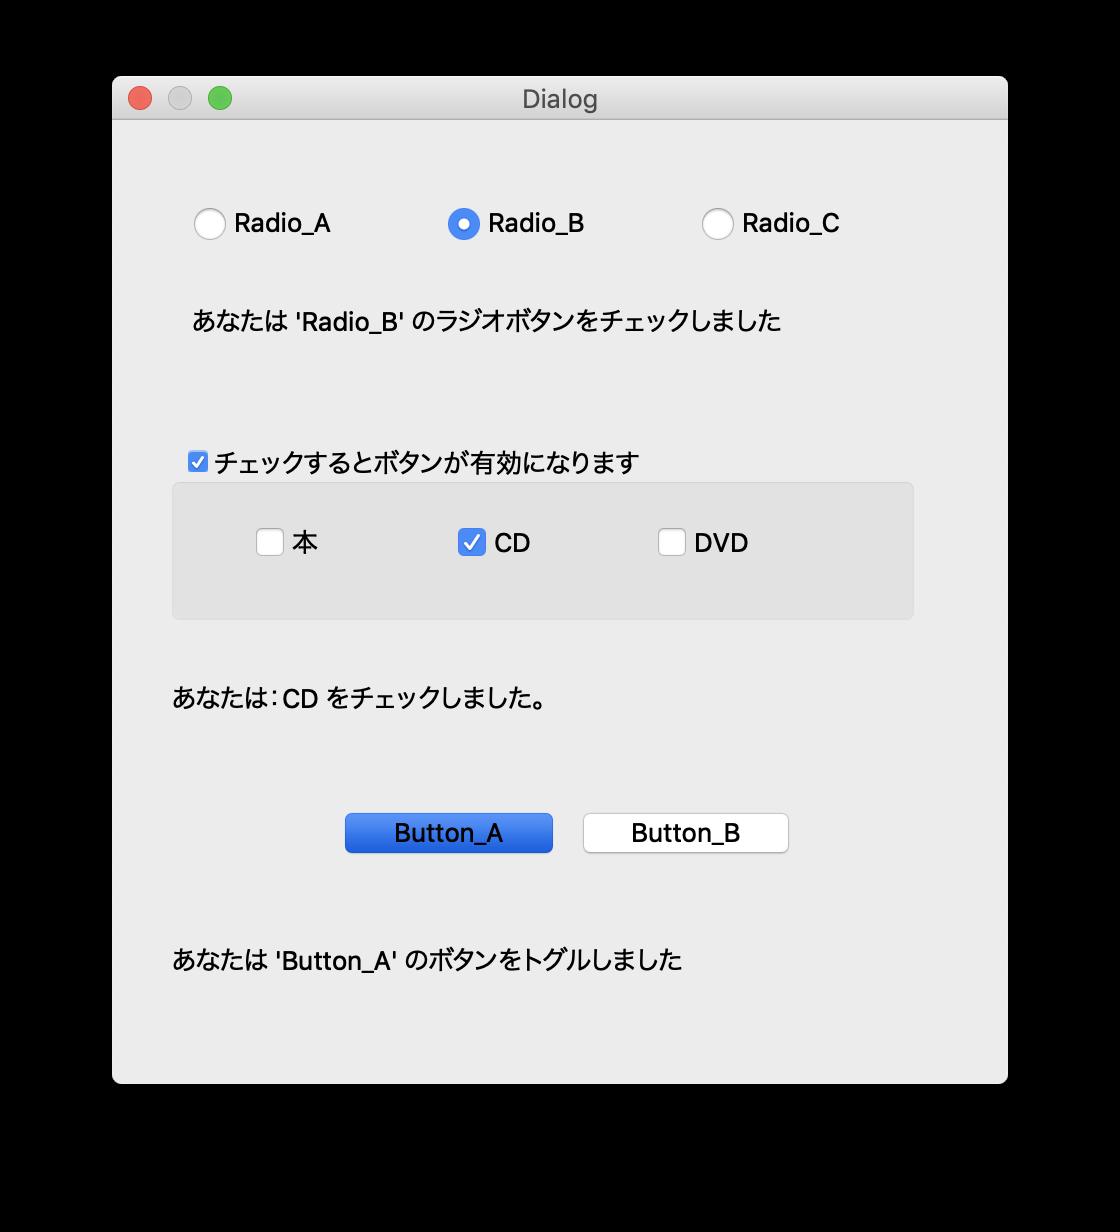 PyQt5とpython3によるGUIプログラミング:実践編[0] - Qiita